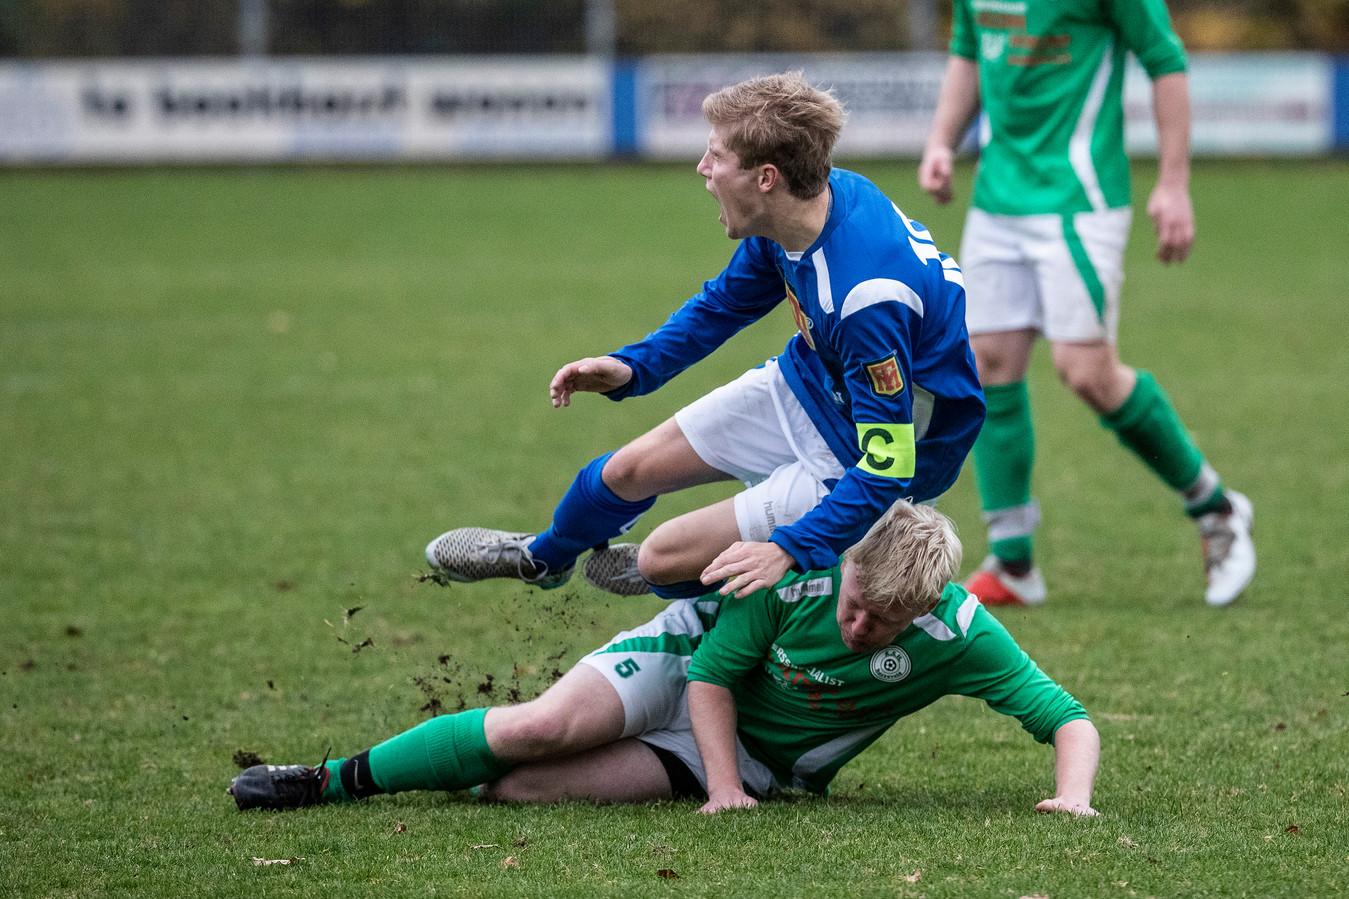 SVGG speelt komend seizoen uitwedstrijden in onder meer Ede, Arnhem en Hall